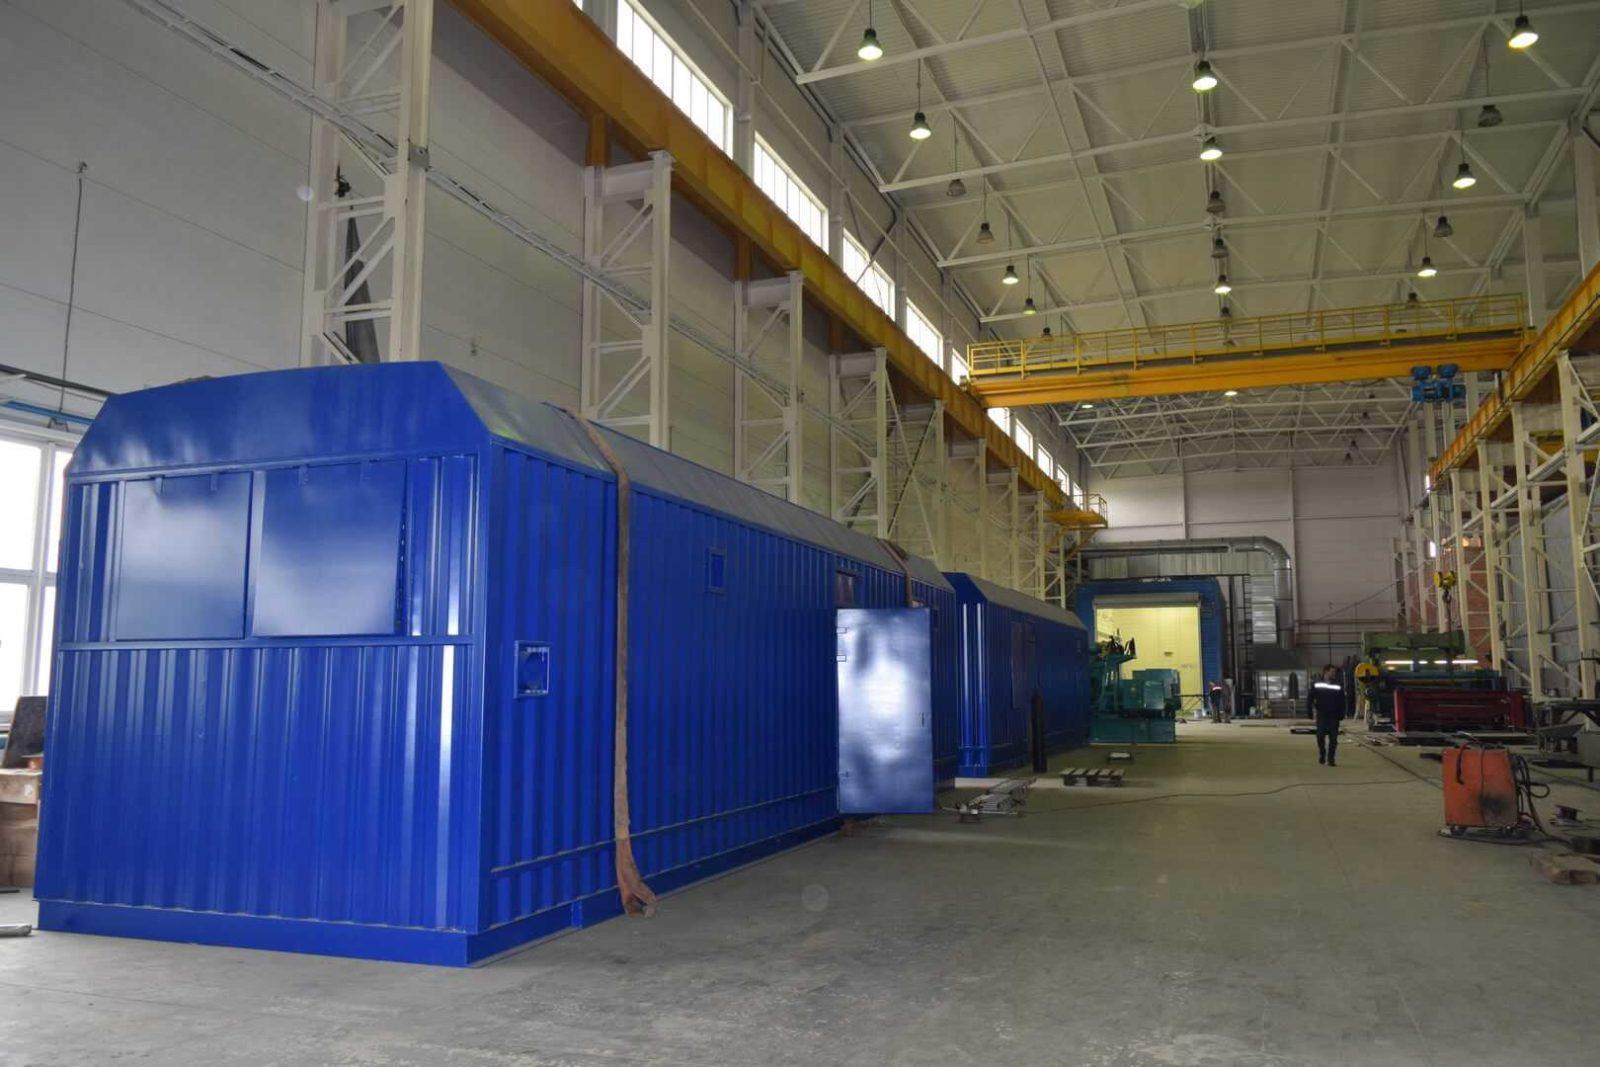 dsc 0004 - Дизель генераторные установки (ДГУ)